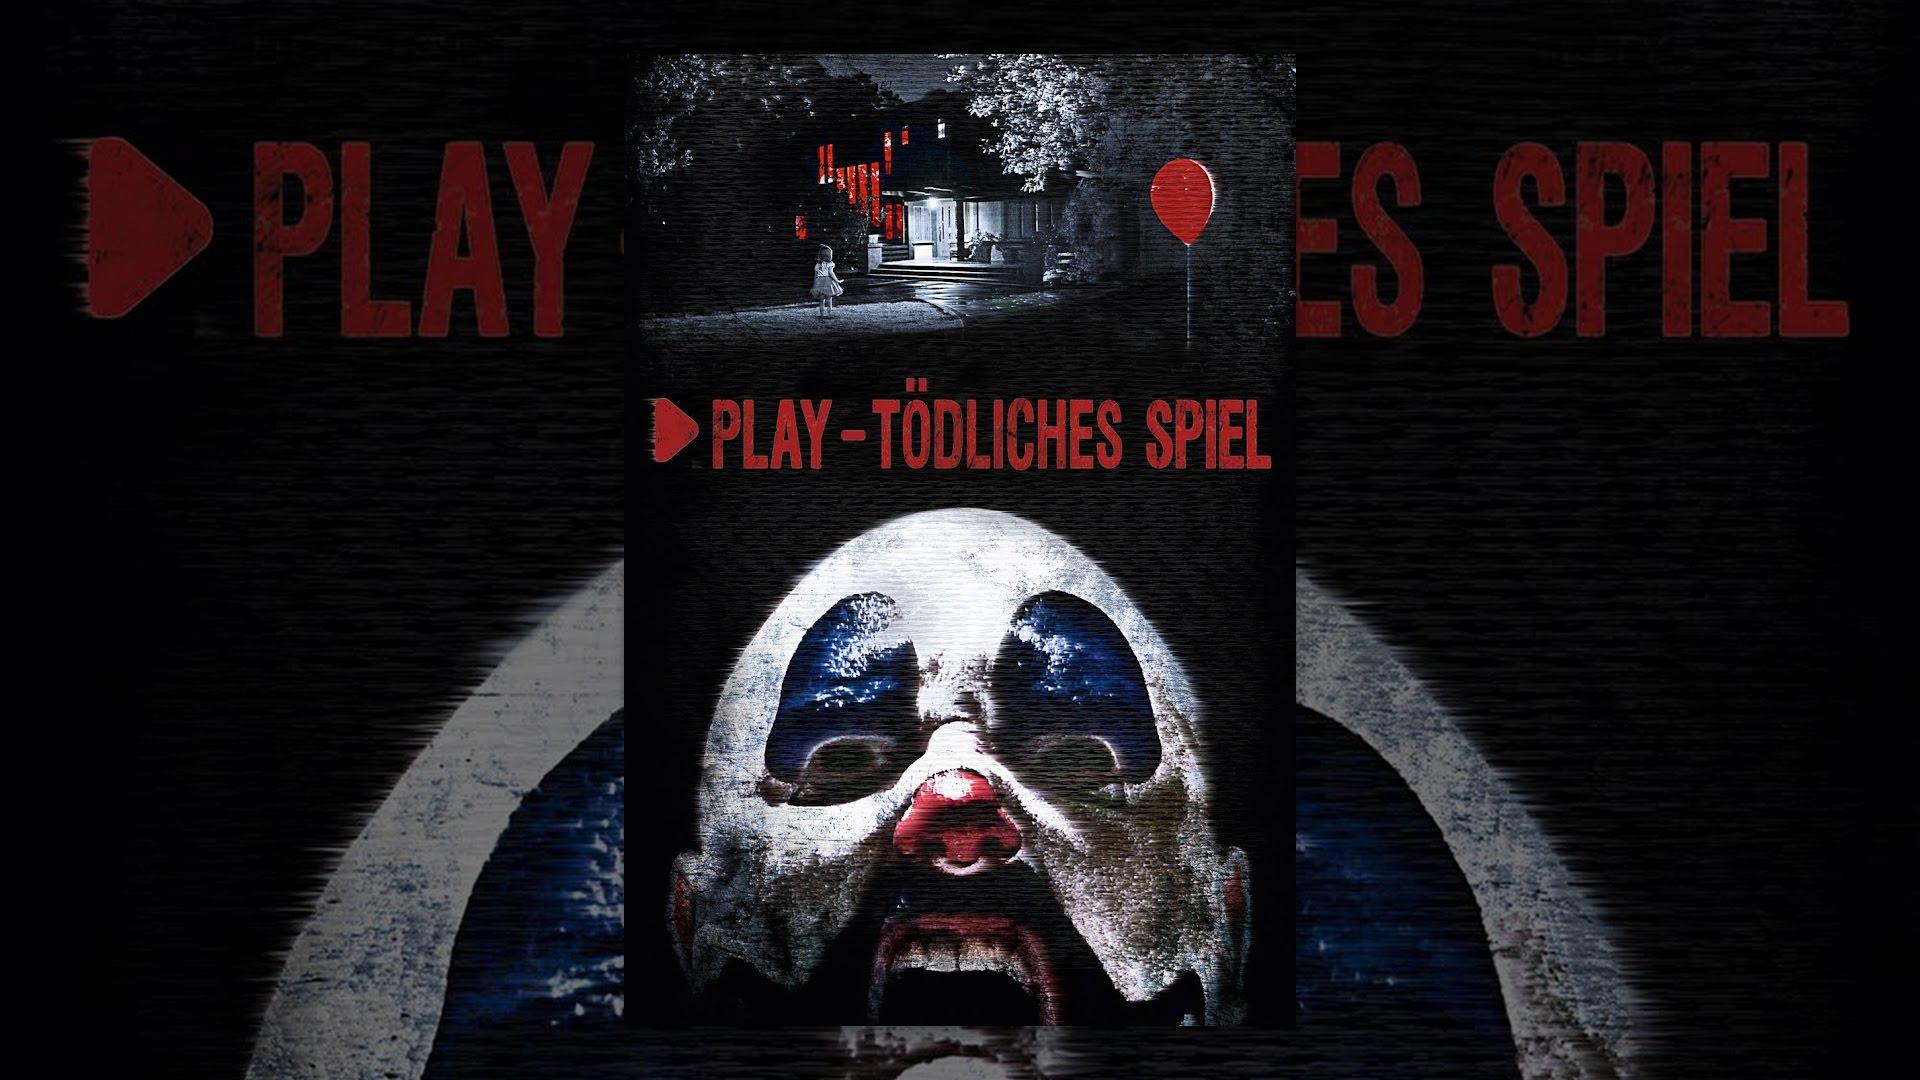 Play Tödliches Spiel